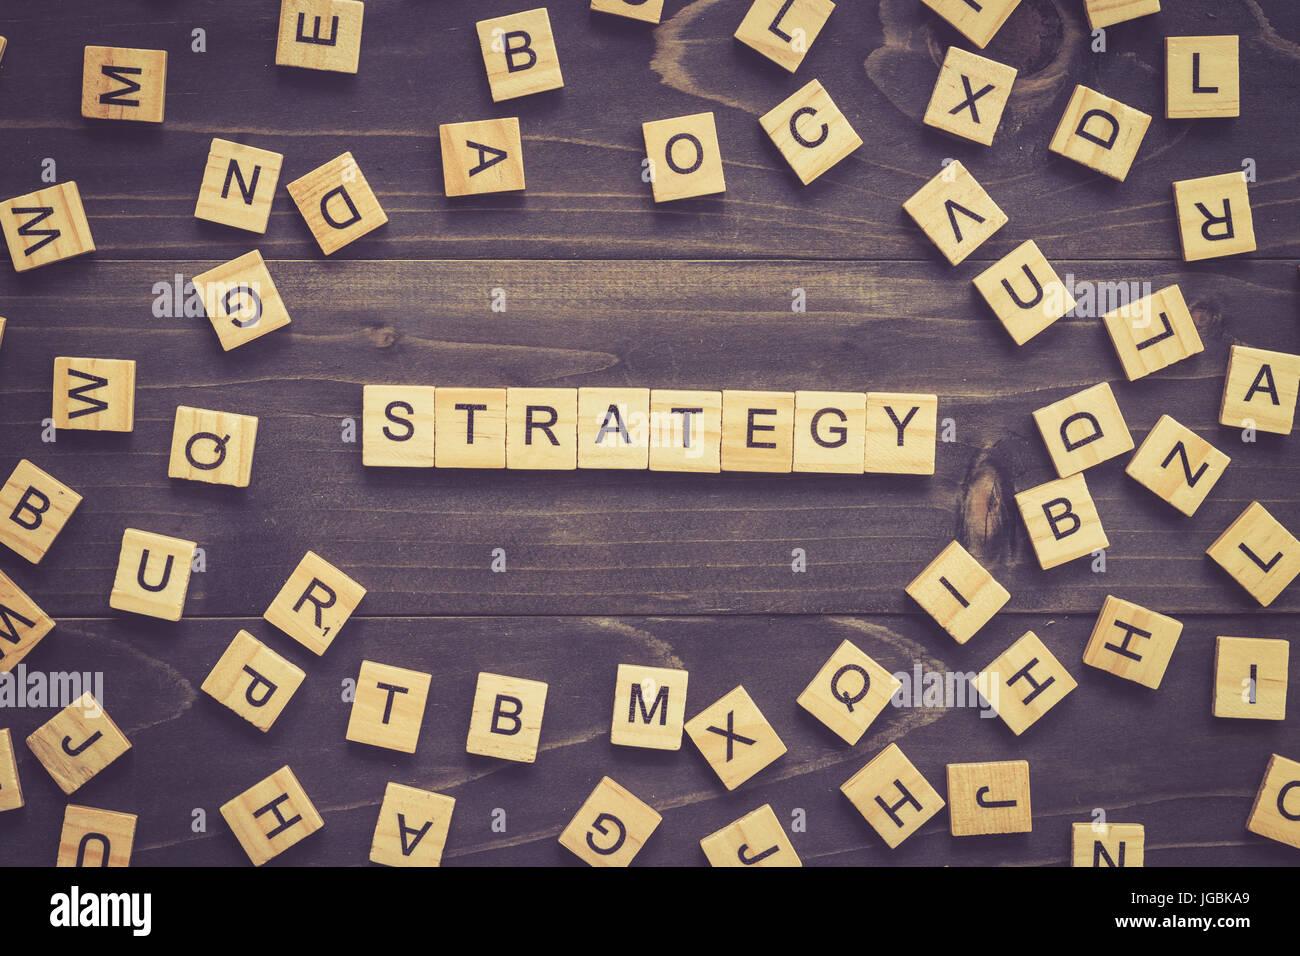 Strategie-Wort-Holz-Block auf Tisch für Business-Konzept. Stockbild